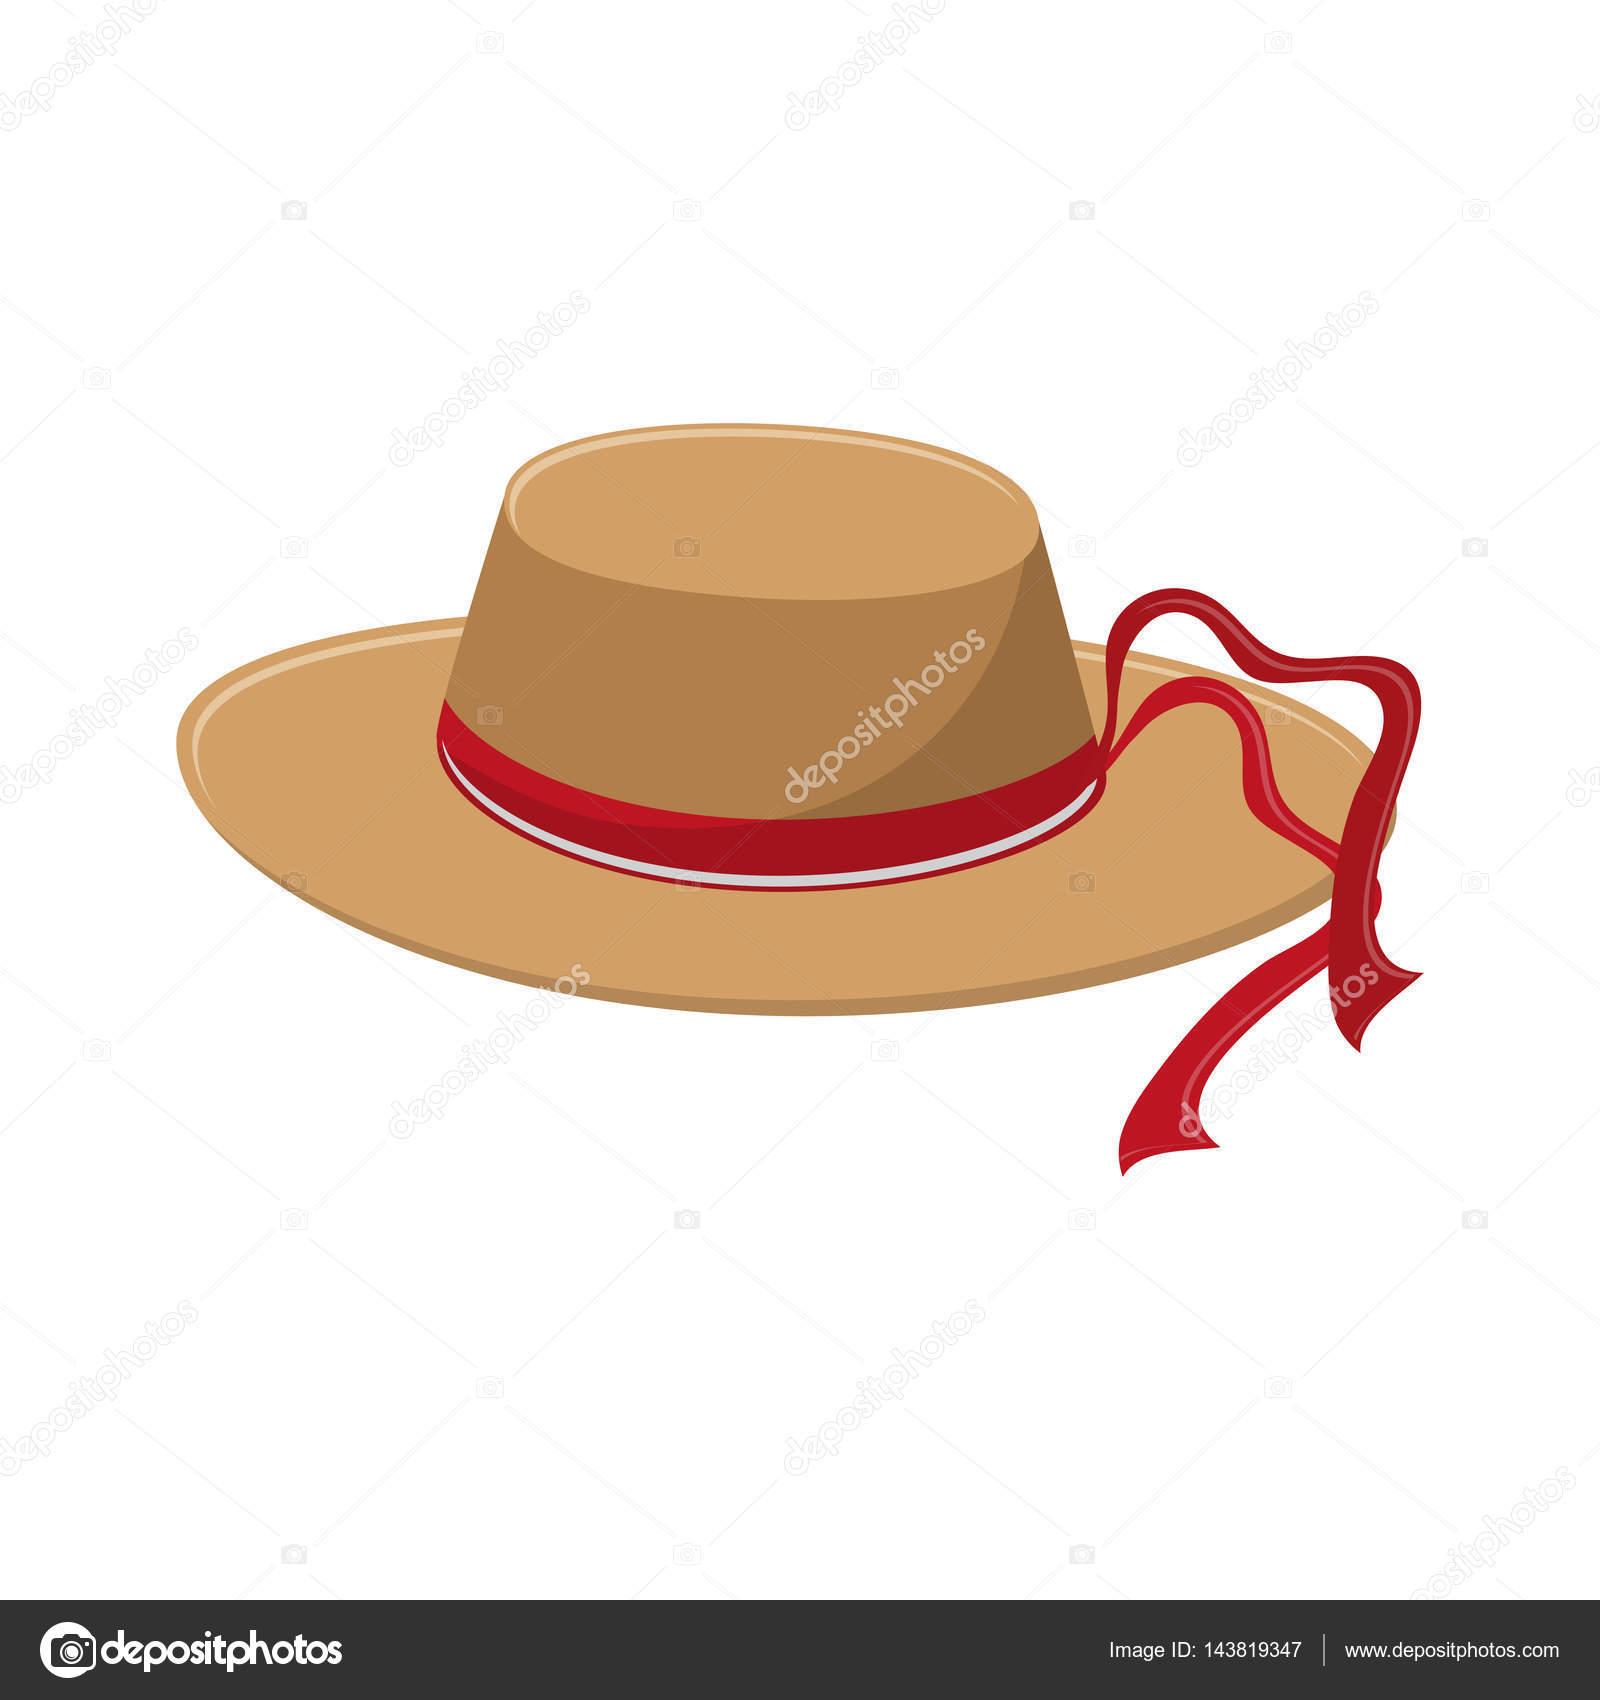 Icono accesorios sombrero sobre fondo blanco. diseño colorido. Ilustración  de vector - imágenes  formas de sombreros vaqueros — Vector de jemastock —  Vector ... 372d62e2cb5